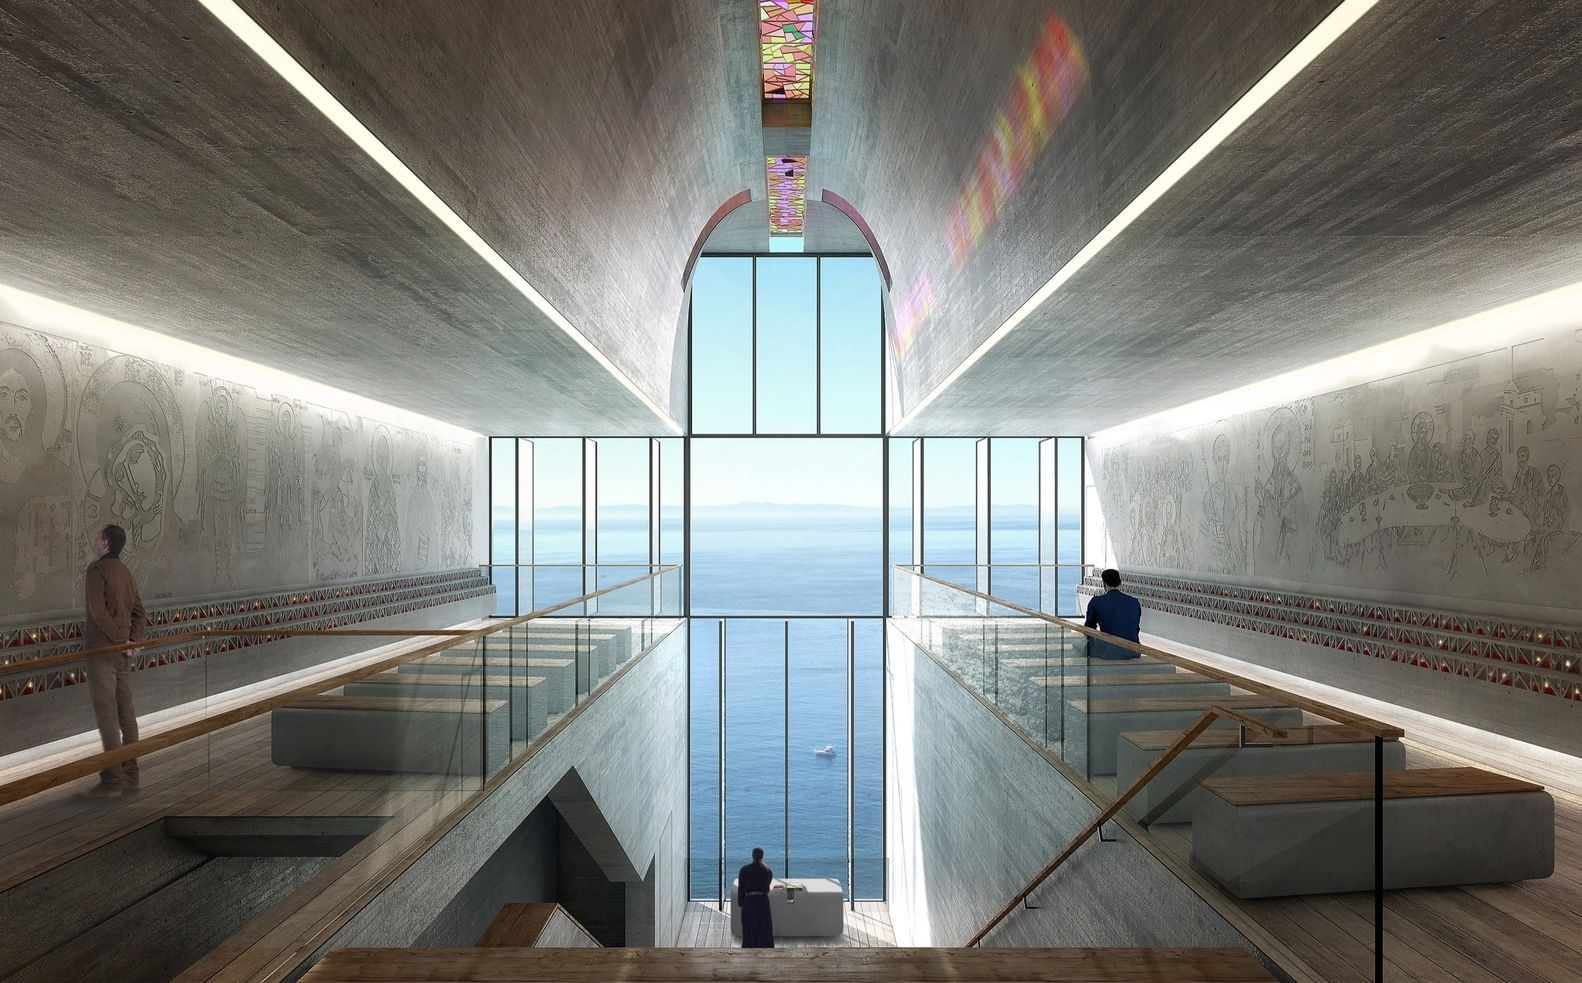 OPA concibe una trascendental capilla en un acantilado con Lux Aeterna,Cortesía de OPA Open Platform for Architecture